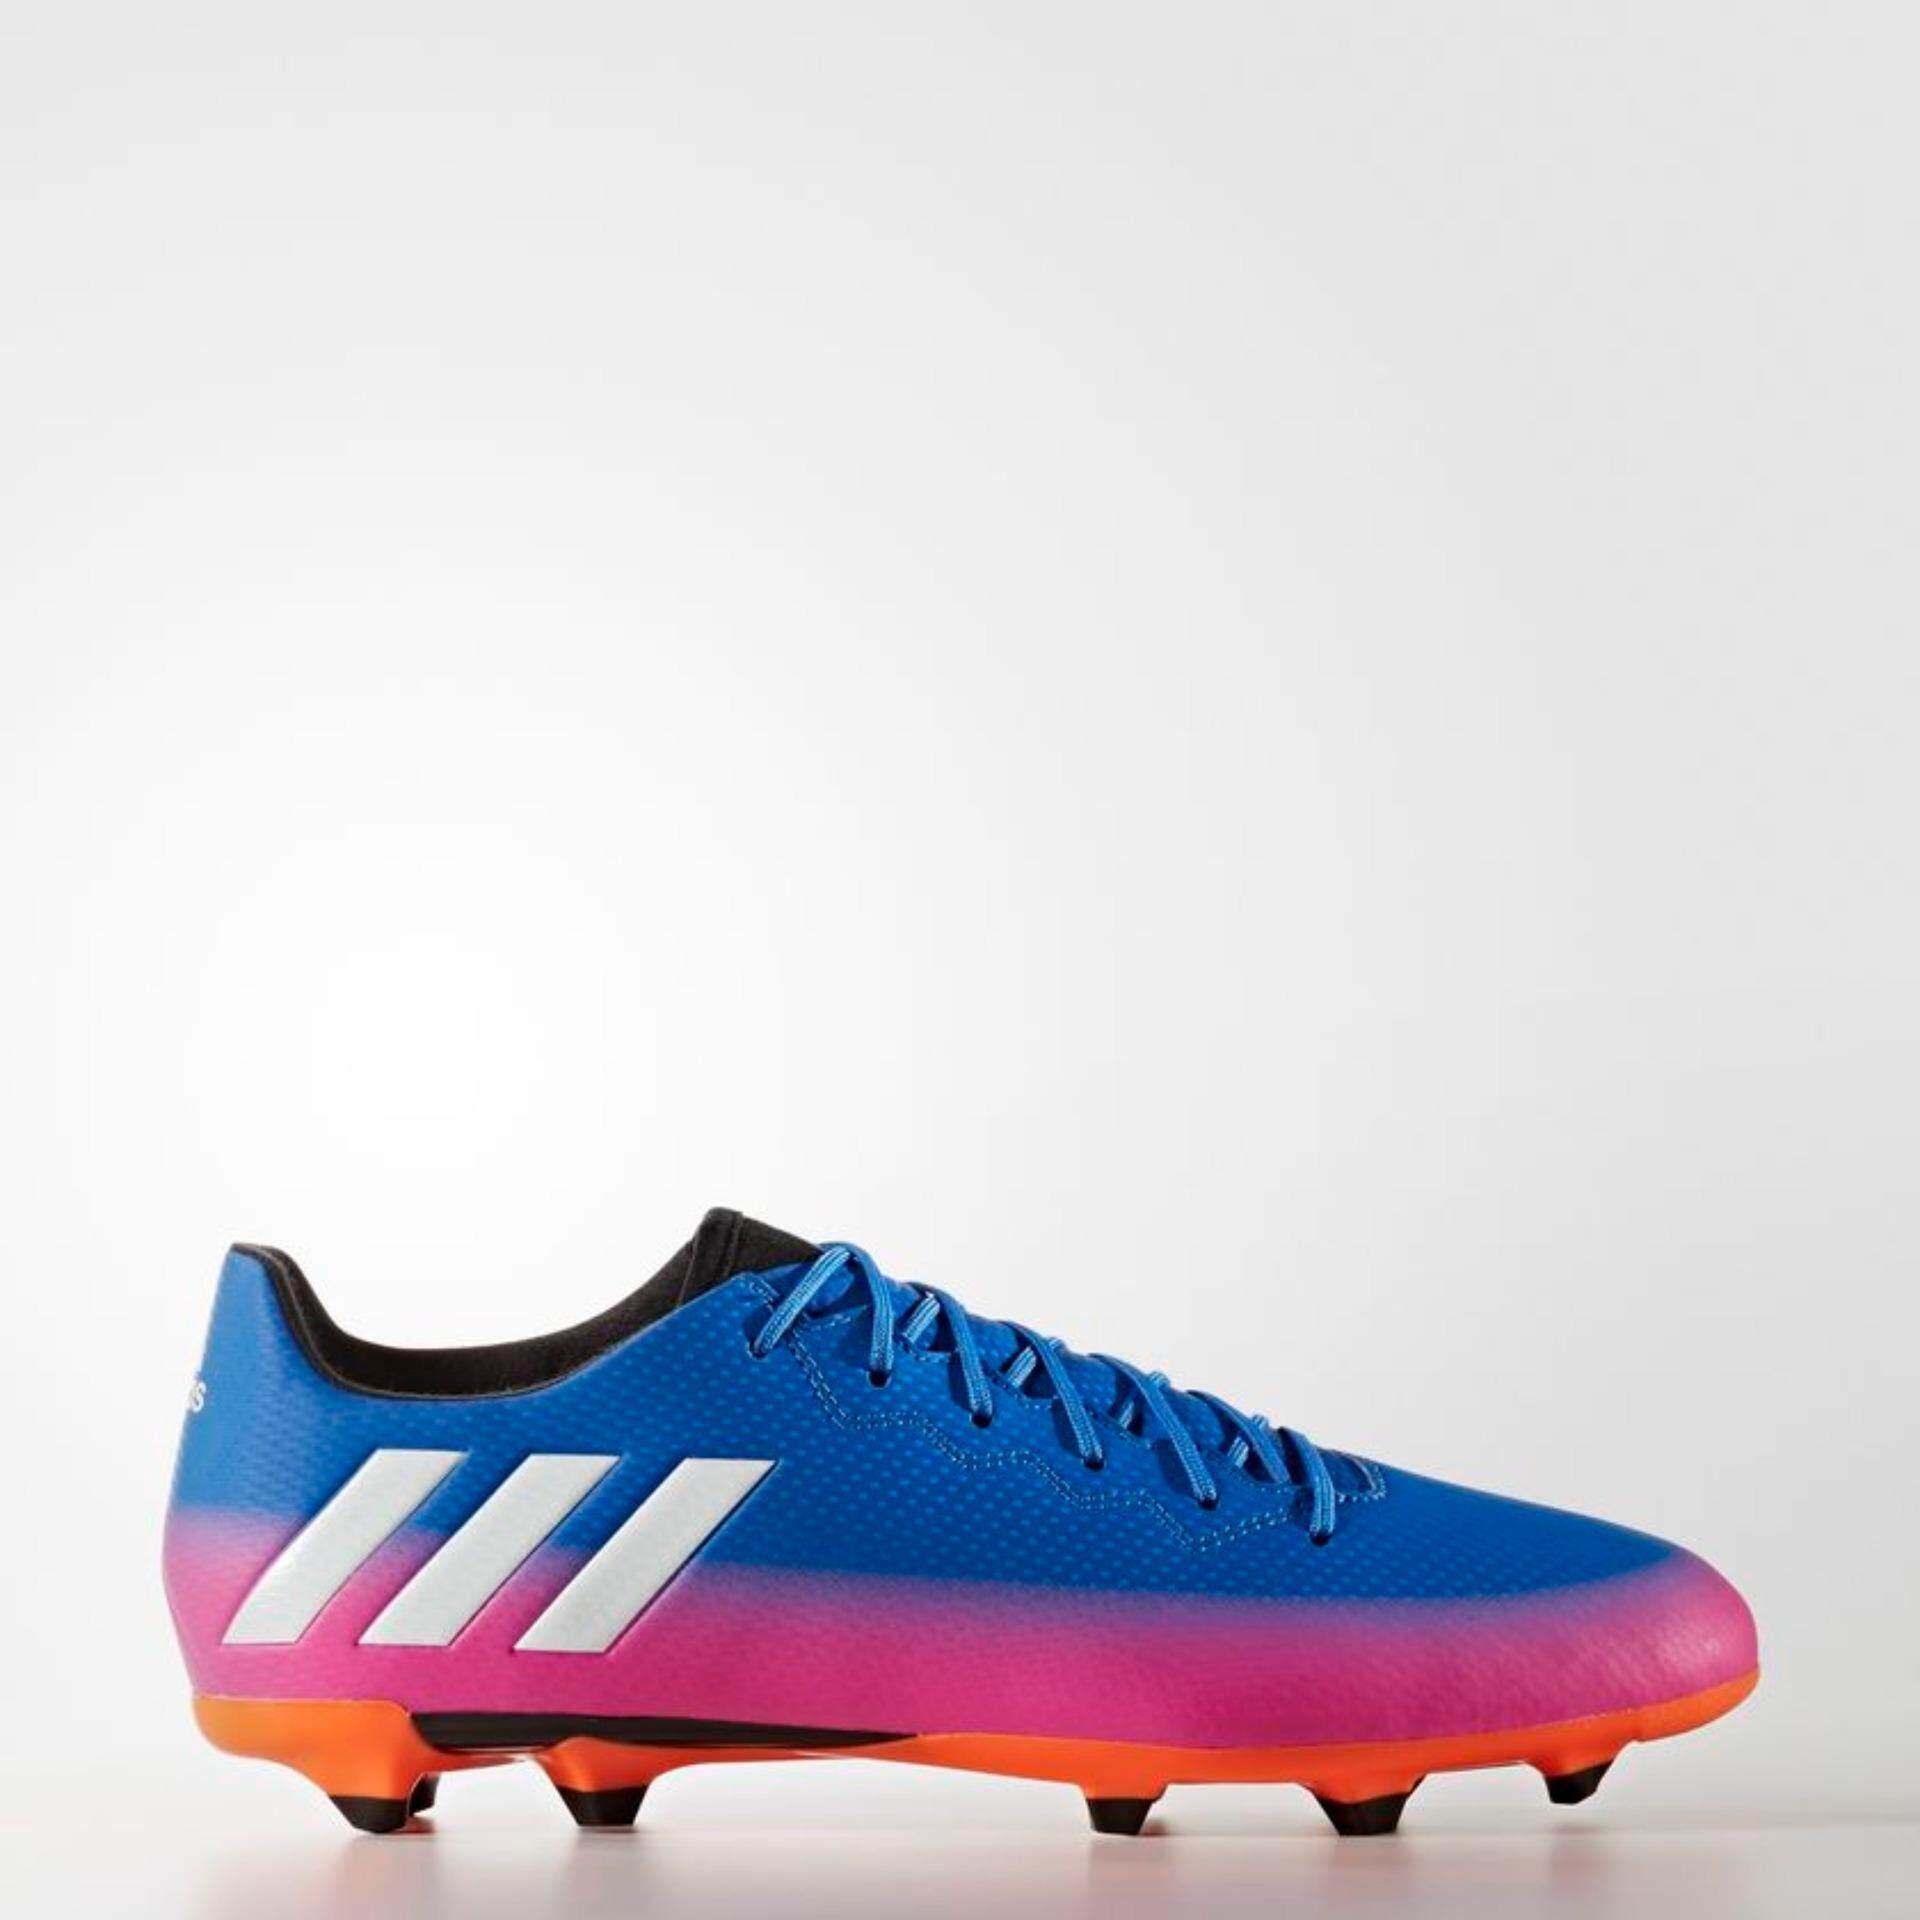 ราคา Adidas รองเท้าฟุตบอล Messi 16 3 Fg รุ่นพื้นฐาน Ba9021 Adidas Perfomance ออนไลน์